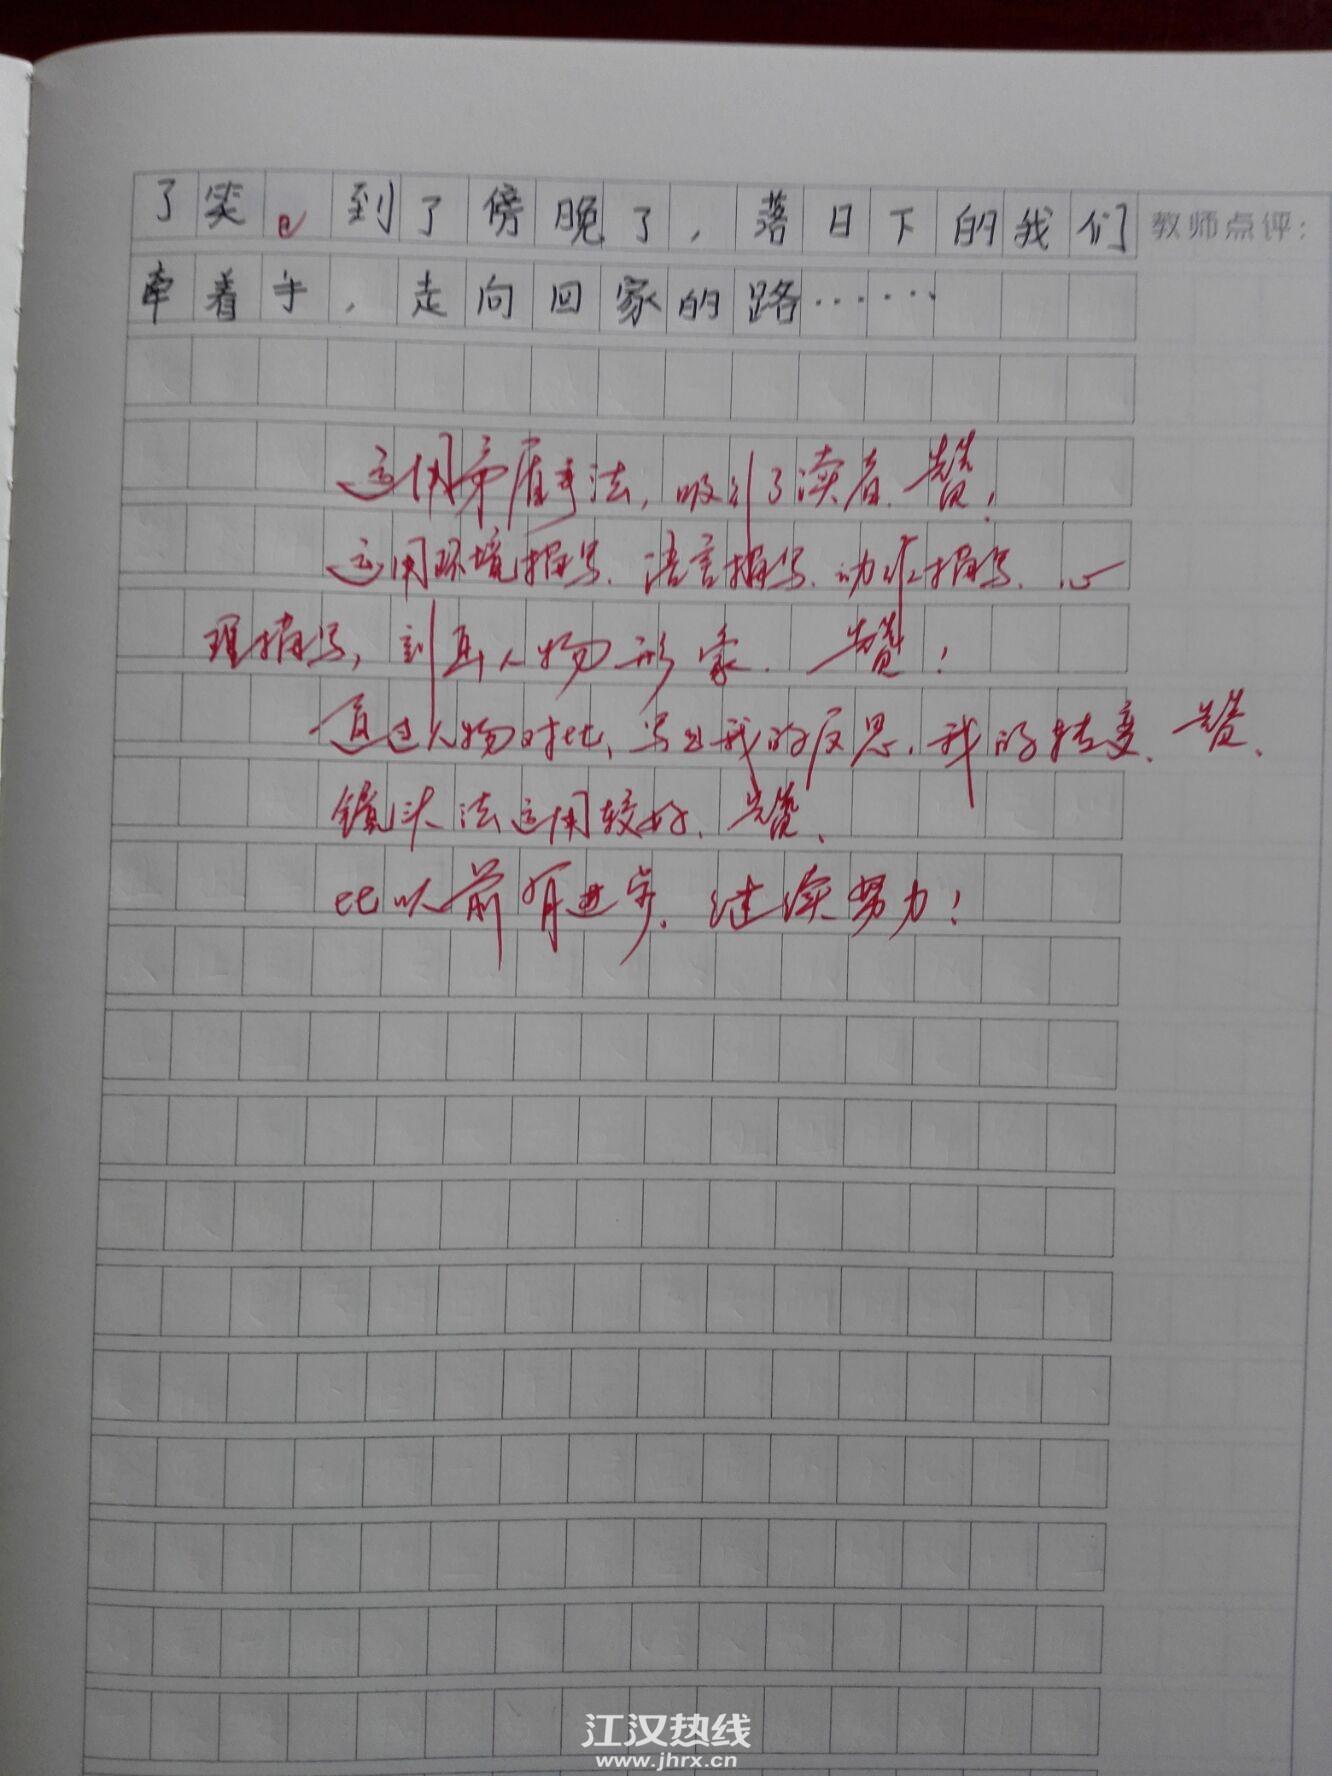 3联系QQ1928668148.jpg